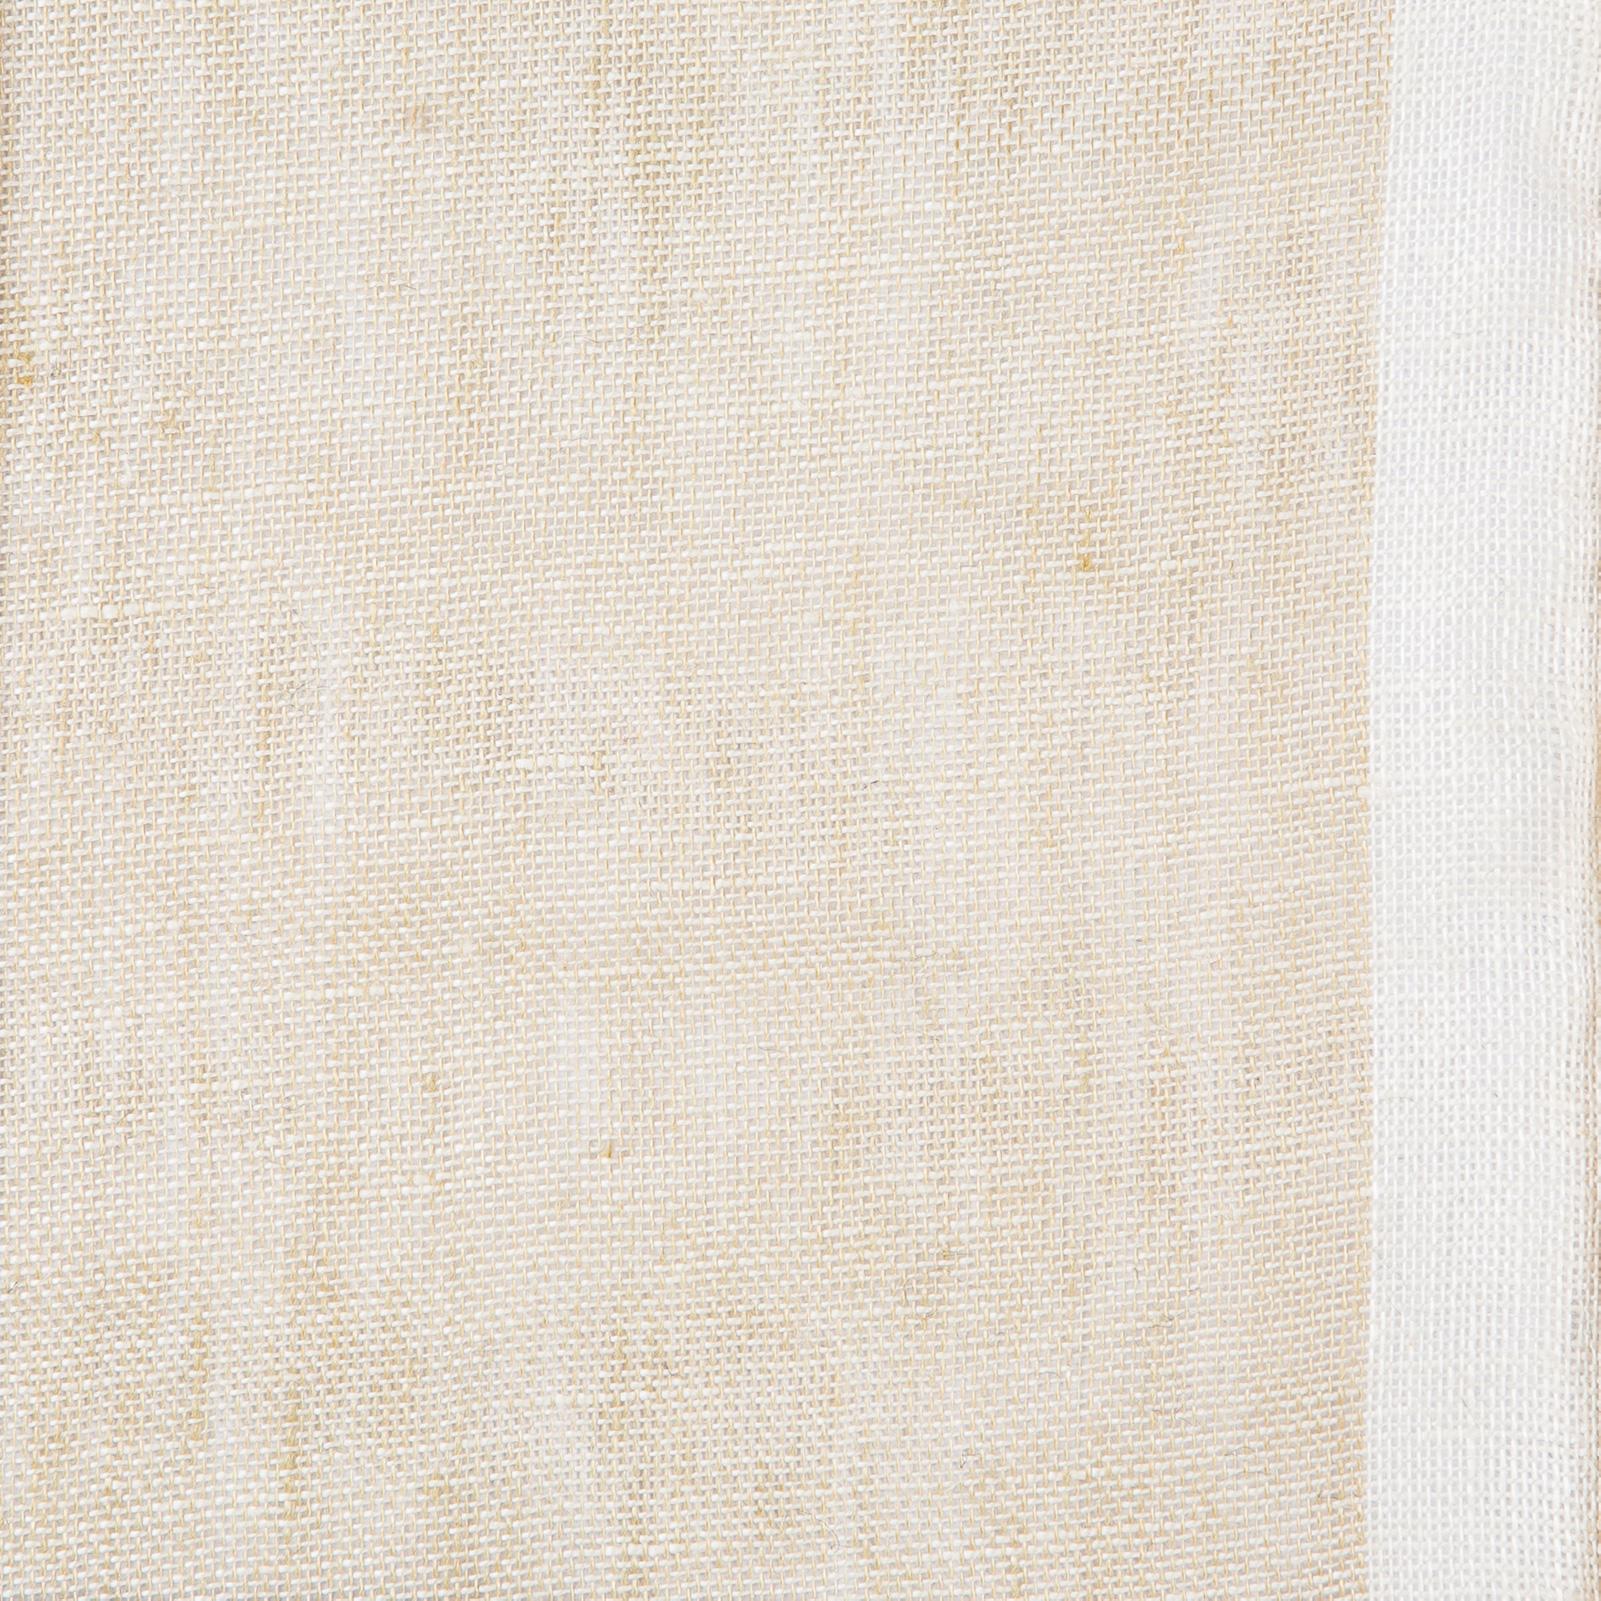 Gryning (skimmer) linnegardin av Eva Jemt Klässbols Linneväveri. Beige med vit kant